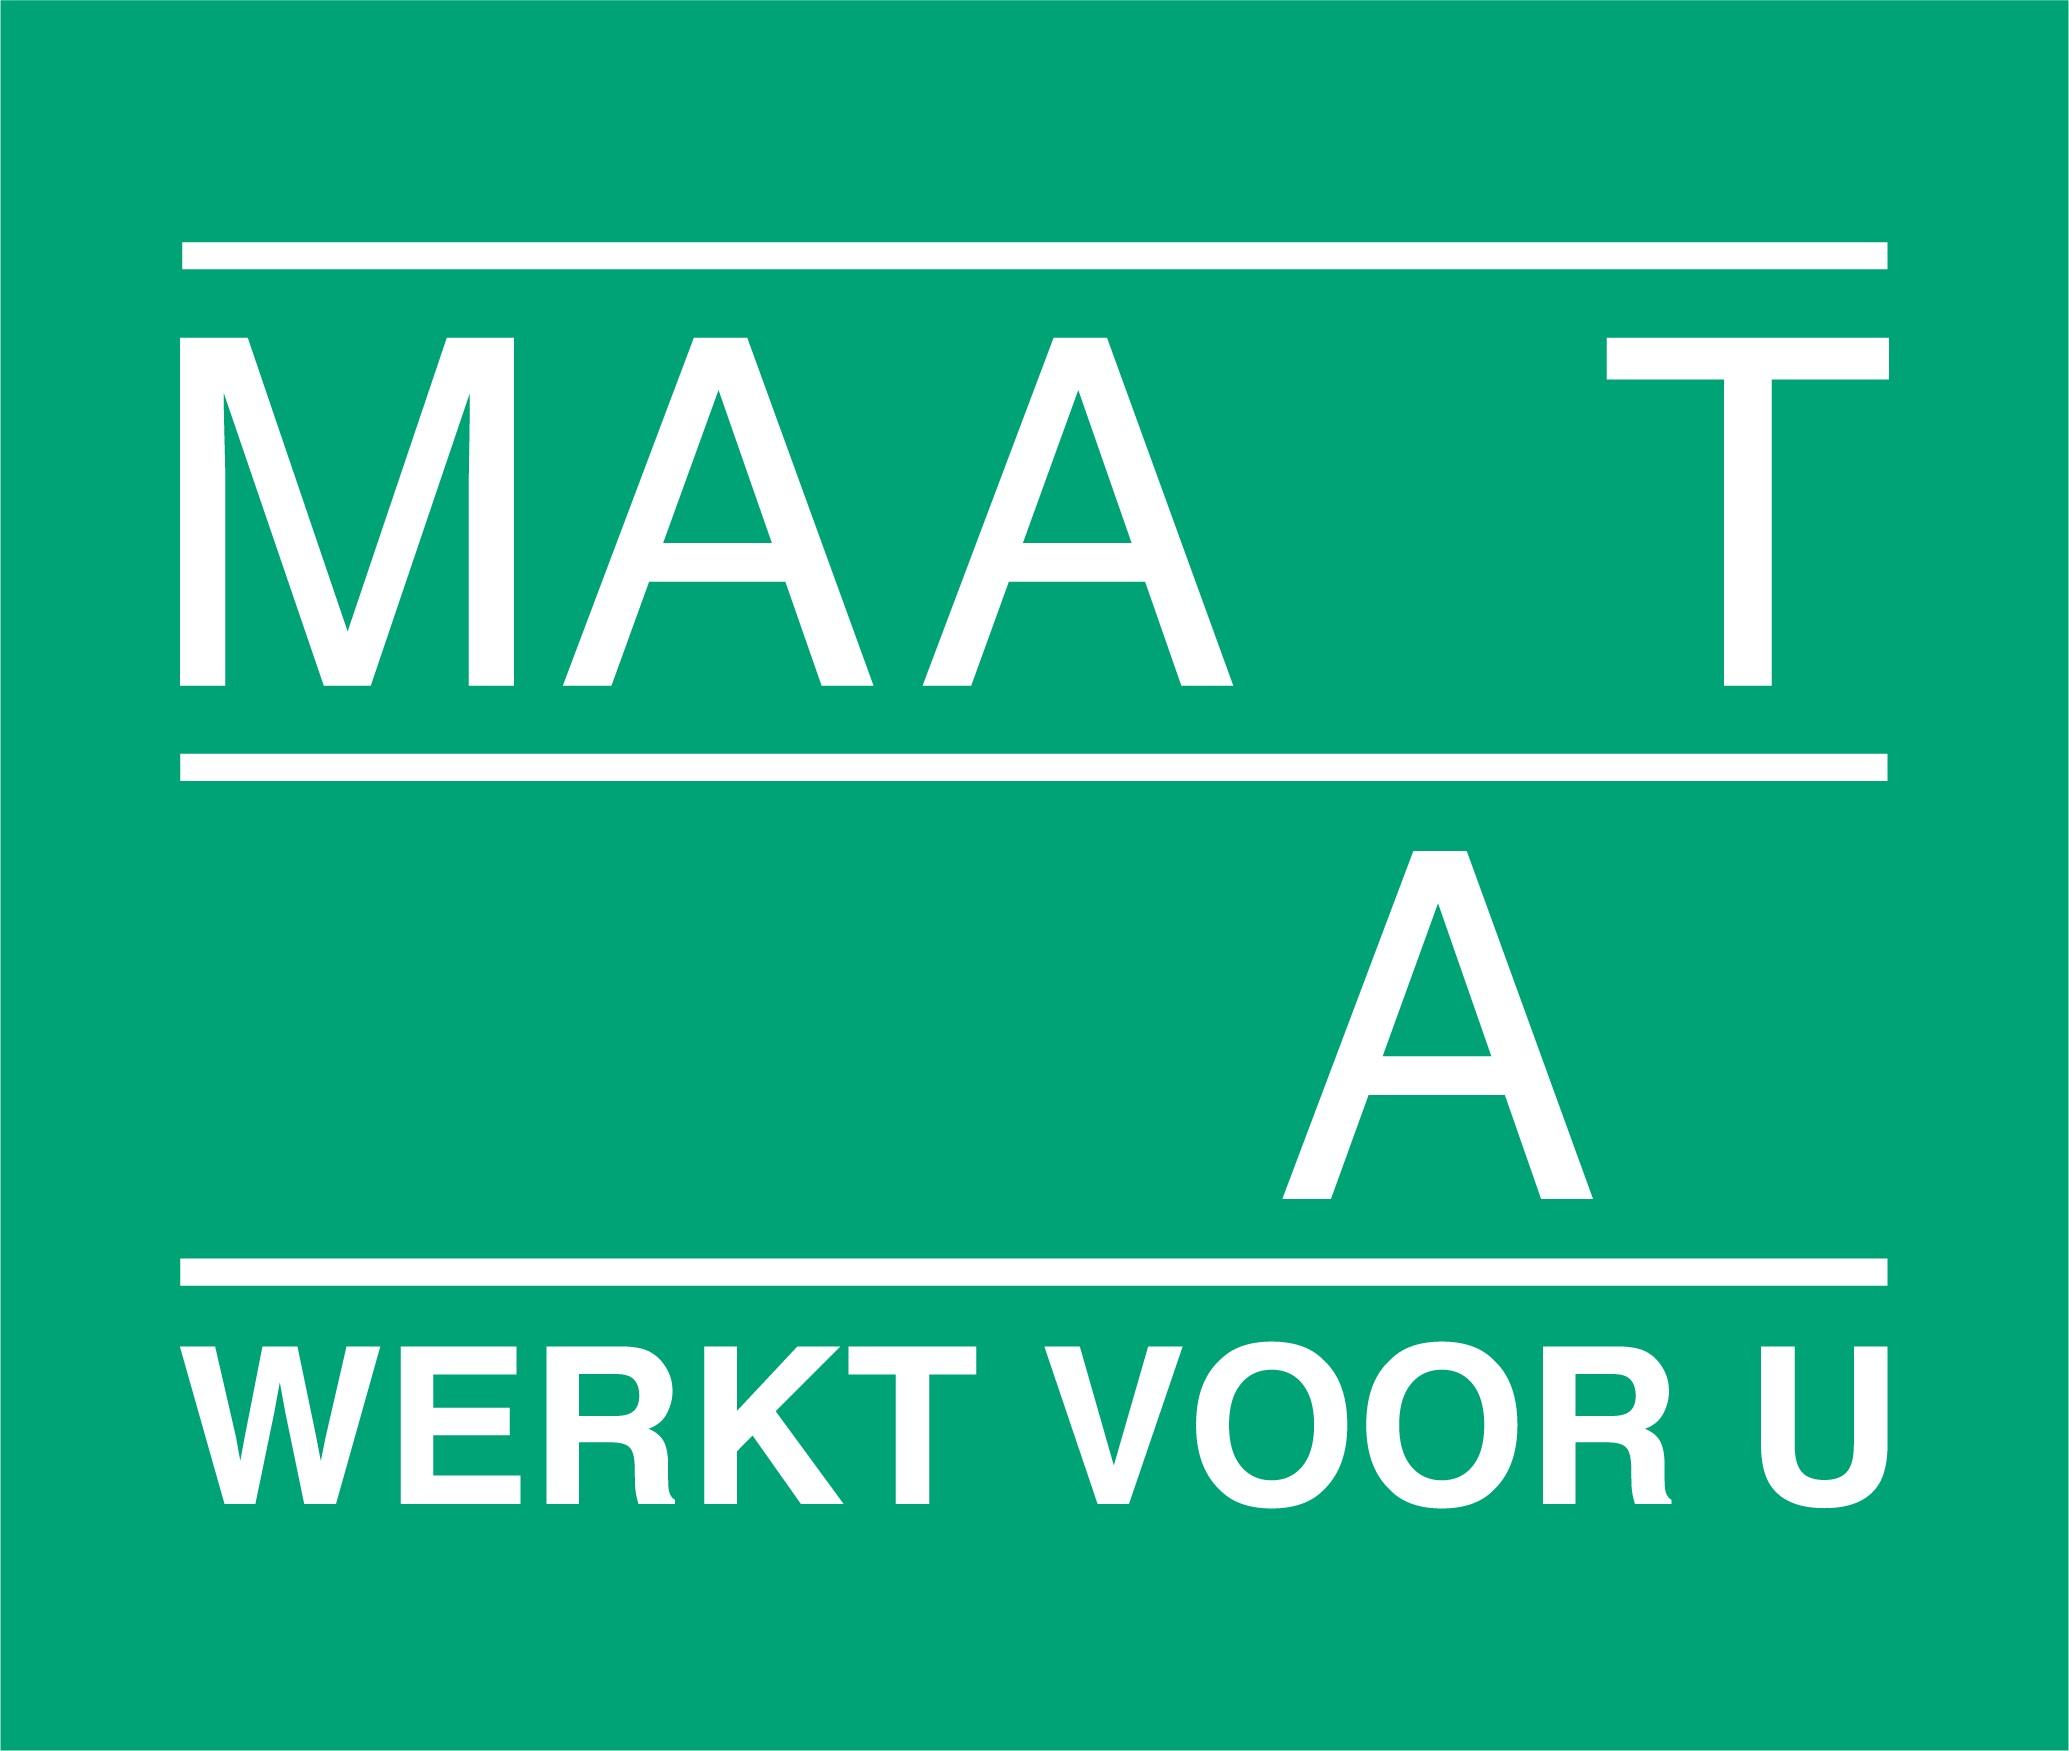 BWA wordt MAAAT!